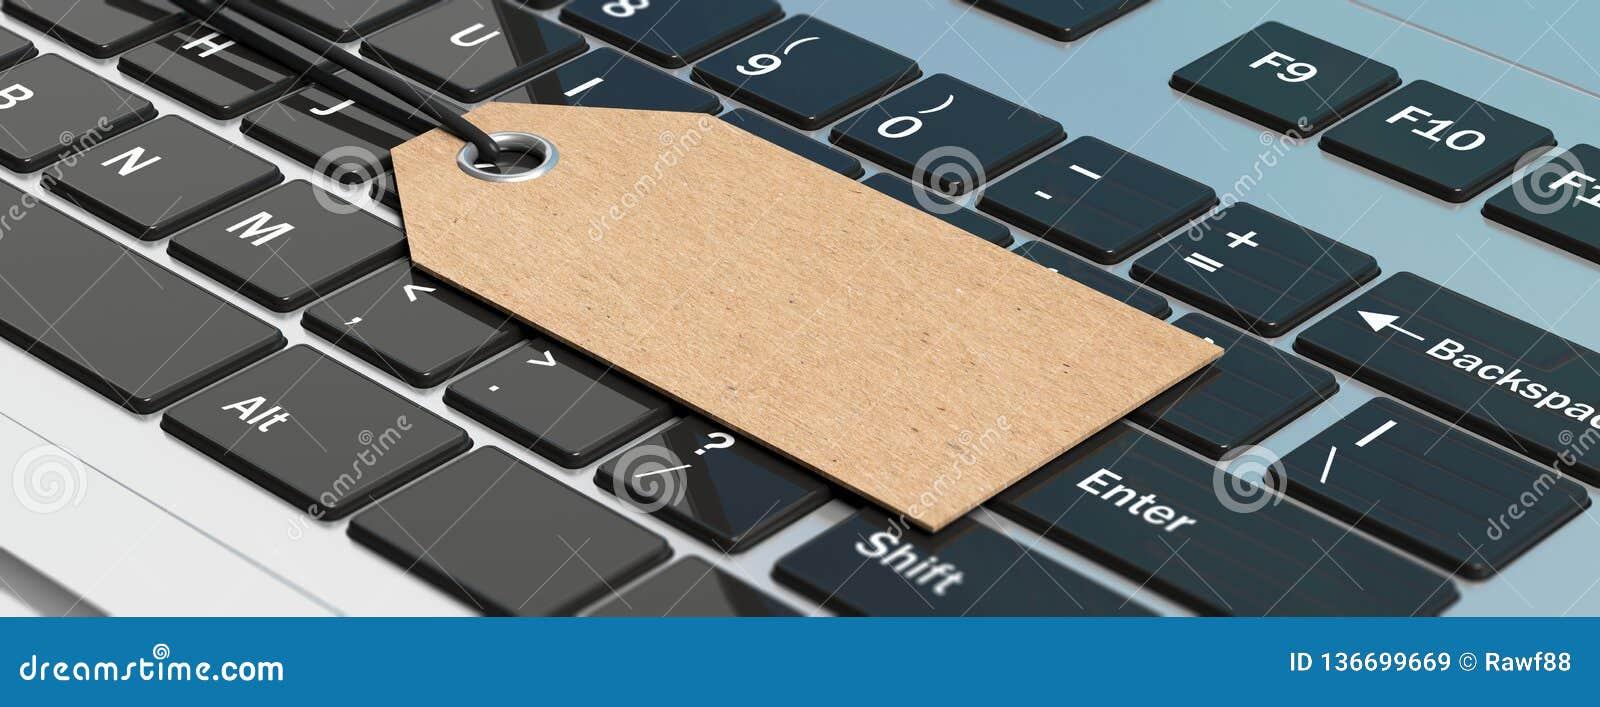 Blank Paper Gift Tag On A Computer Laptop Keyboard Banner 3d Illustration Stock Illustration Illustration Of Design Digital 136699669